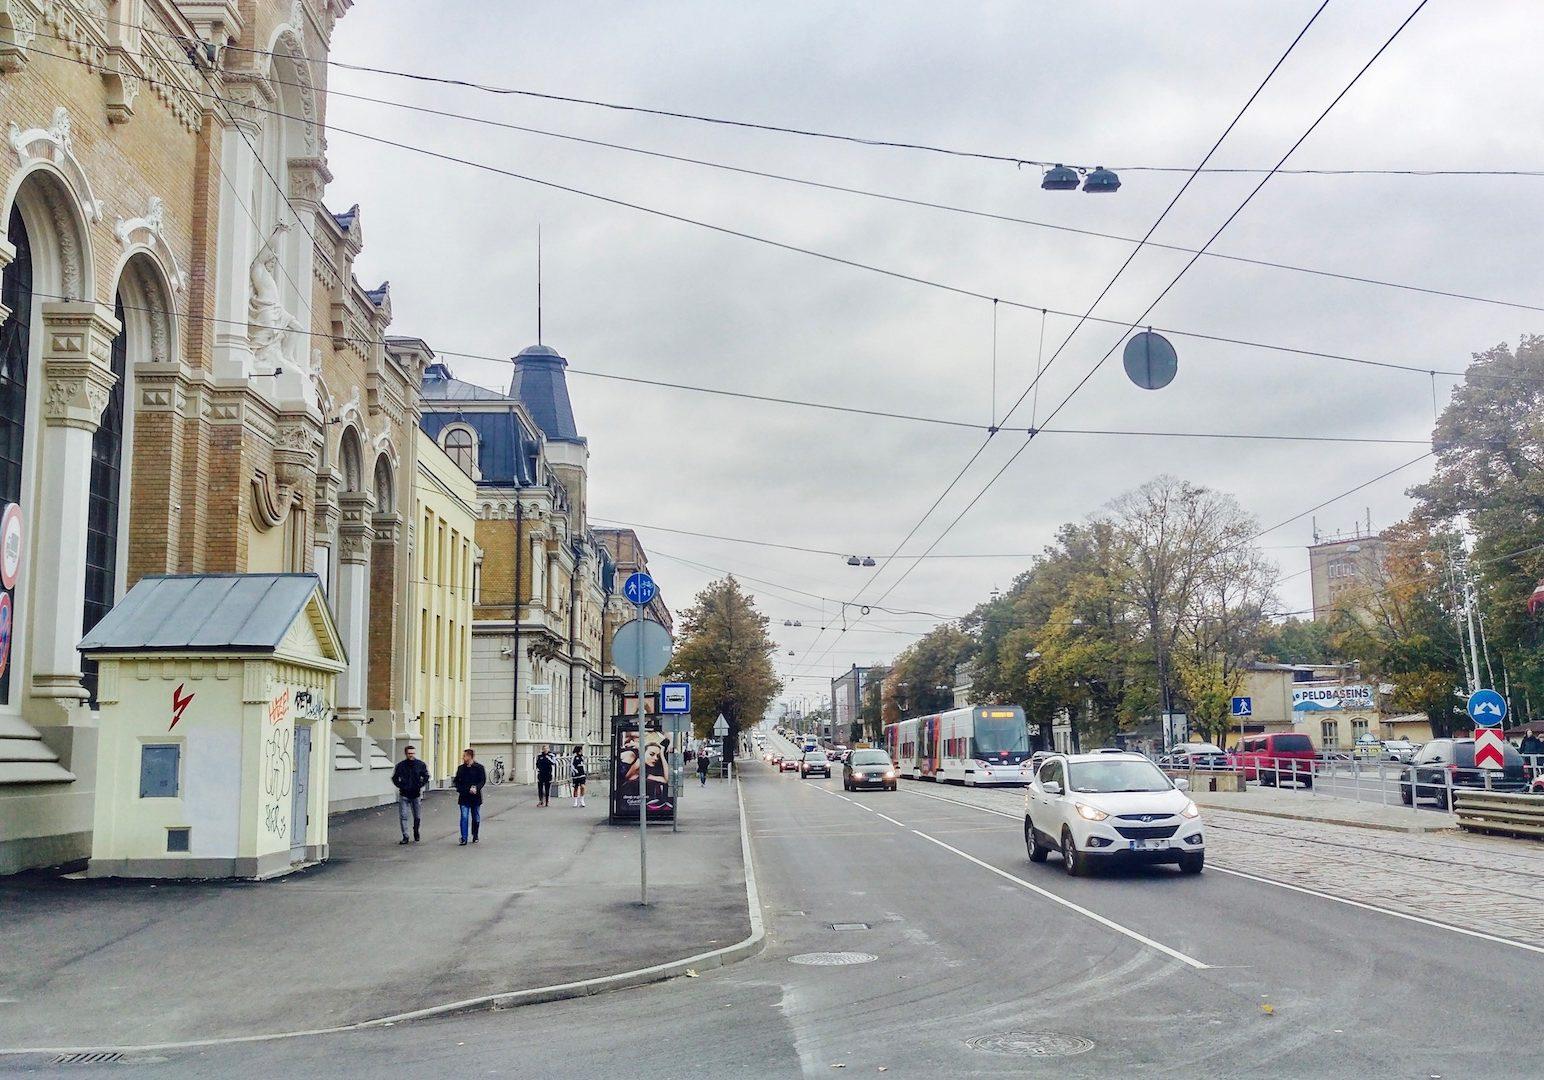 Teika ir viena no populārākajām mājokļa izvēles vietām Rīgā